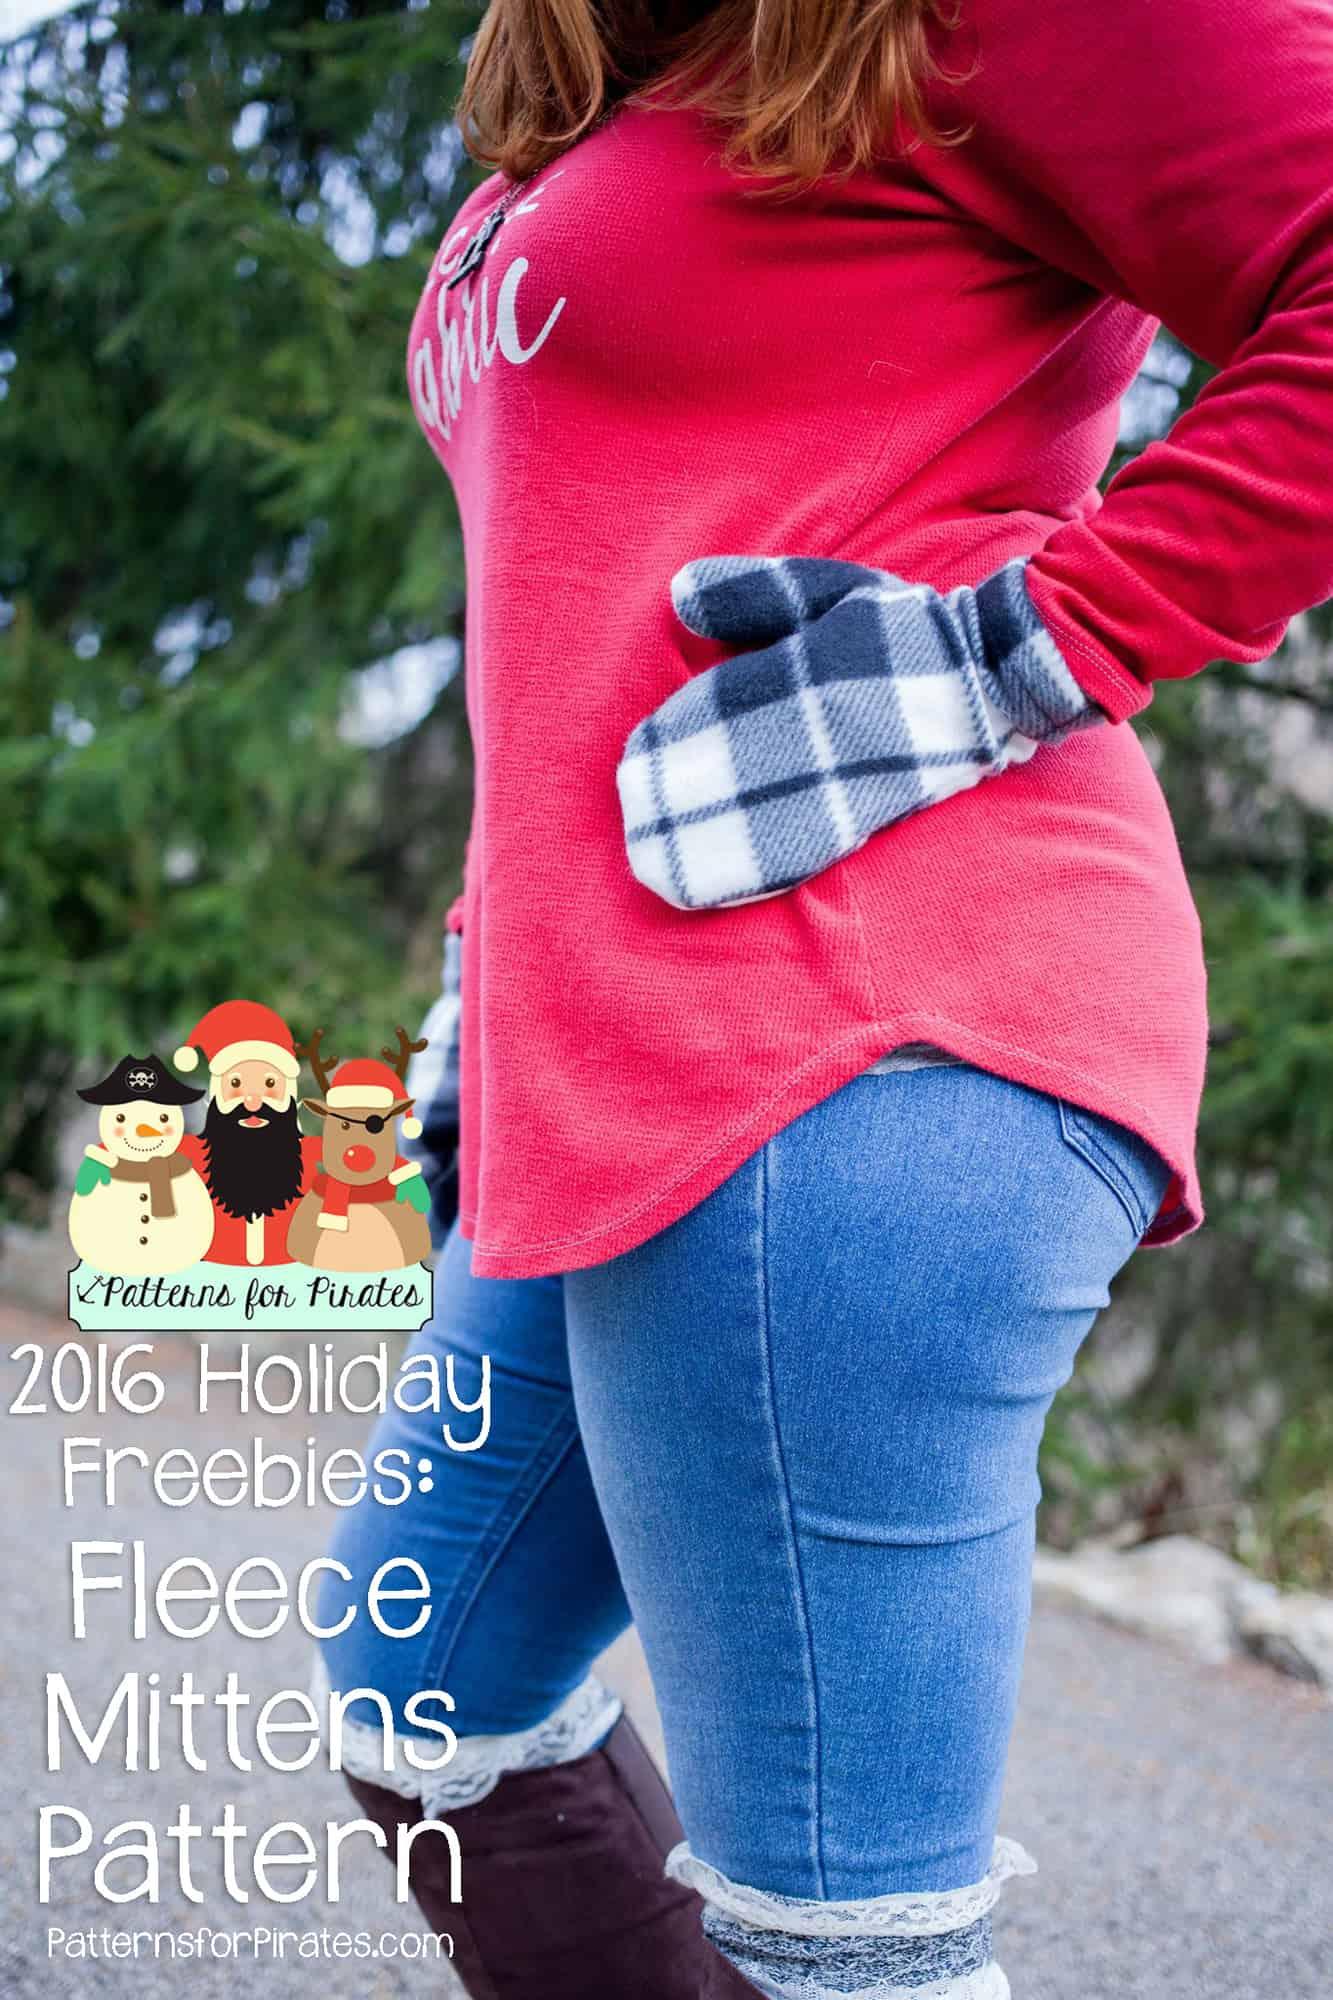 p4p-fleece-mittens3